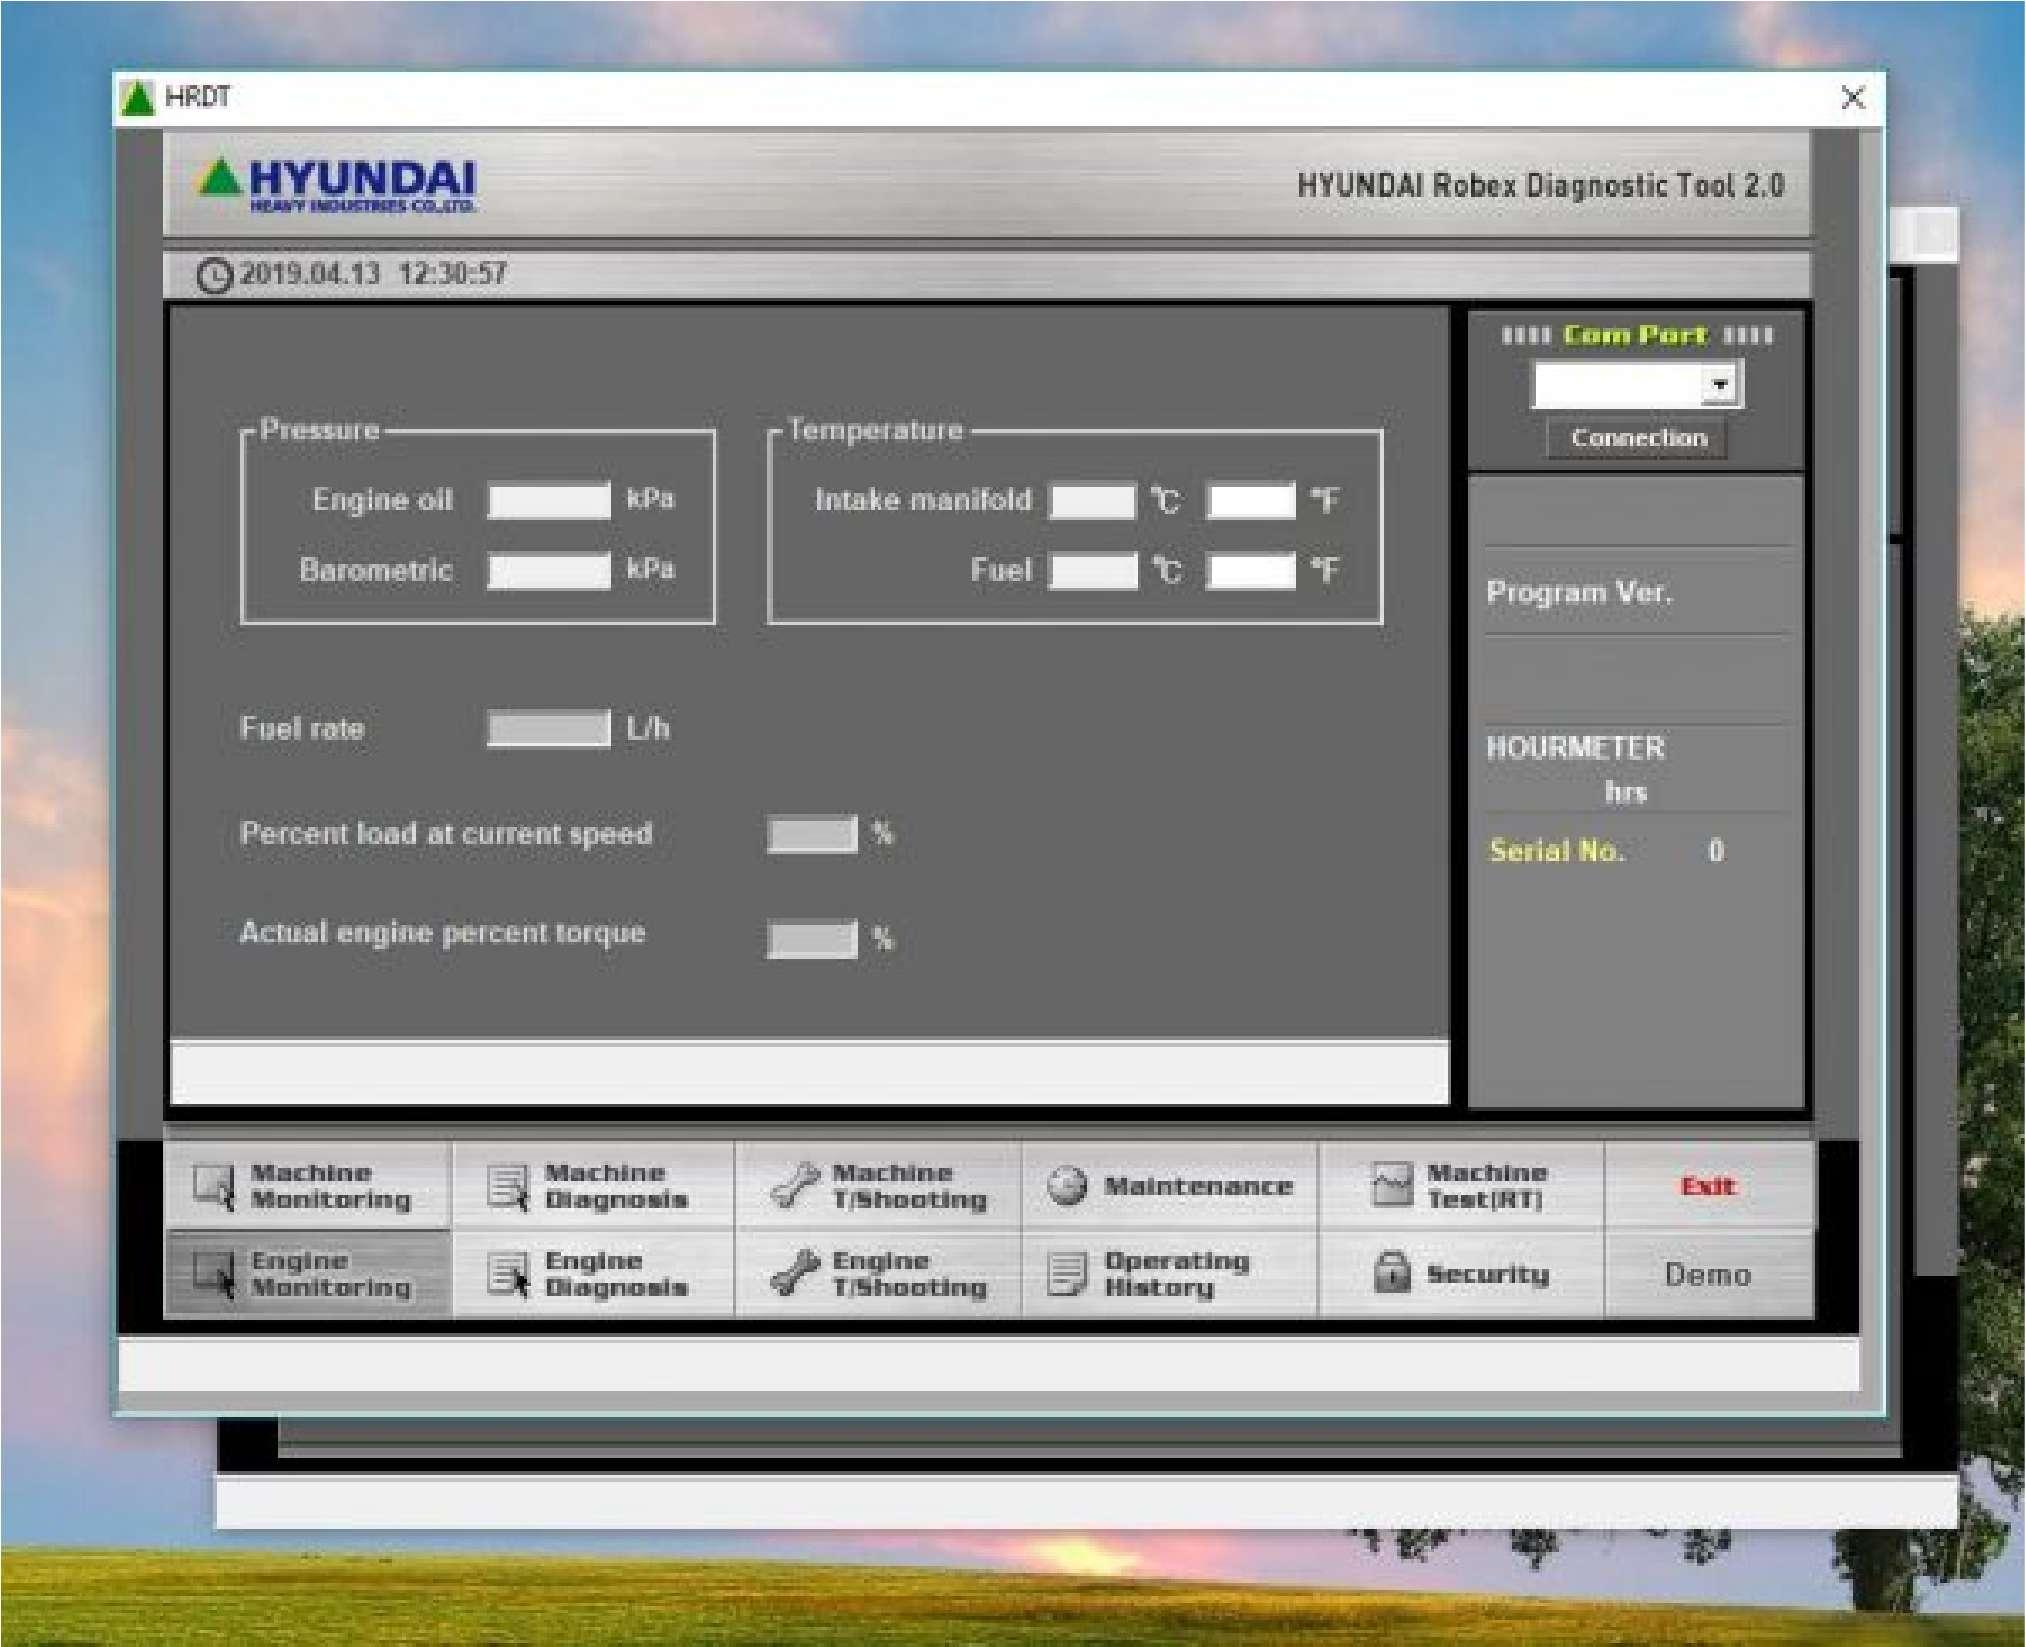 Hyundai Robex Diagnostic (HRDT) SS-01